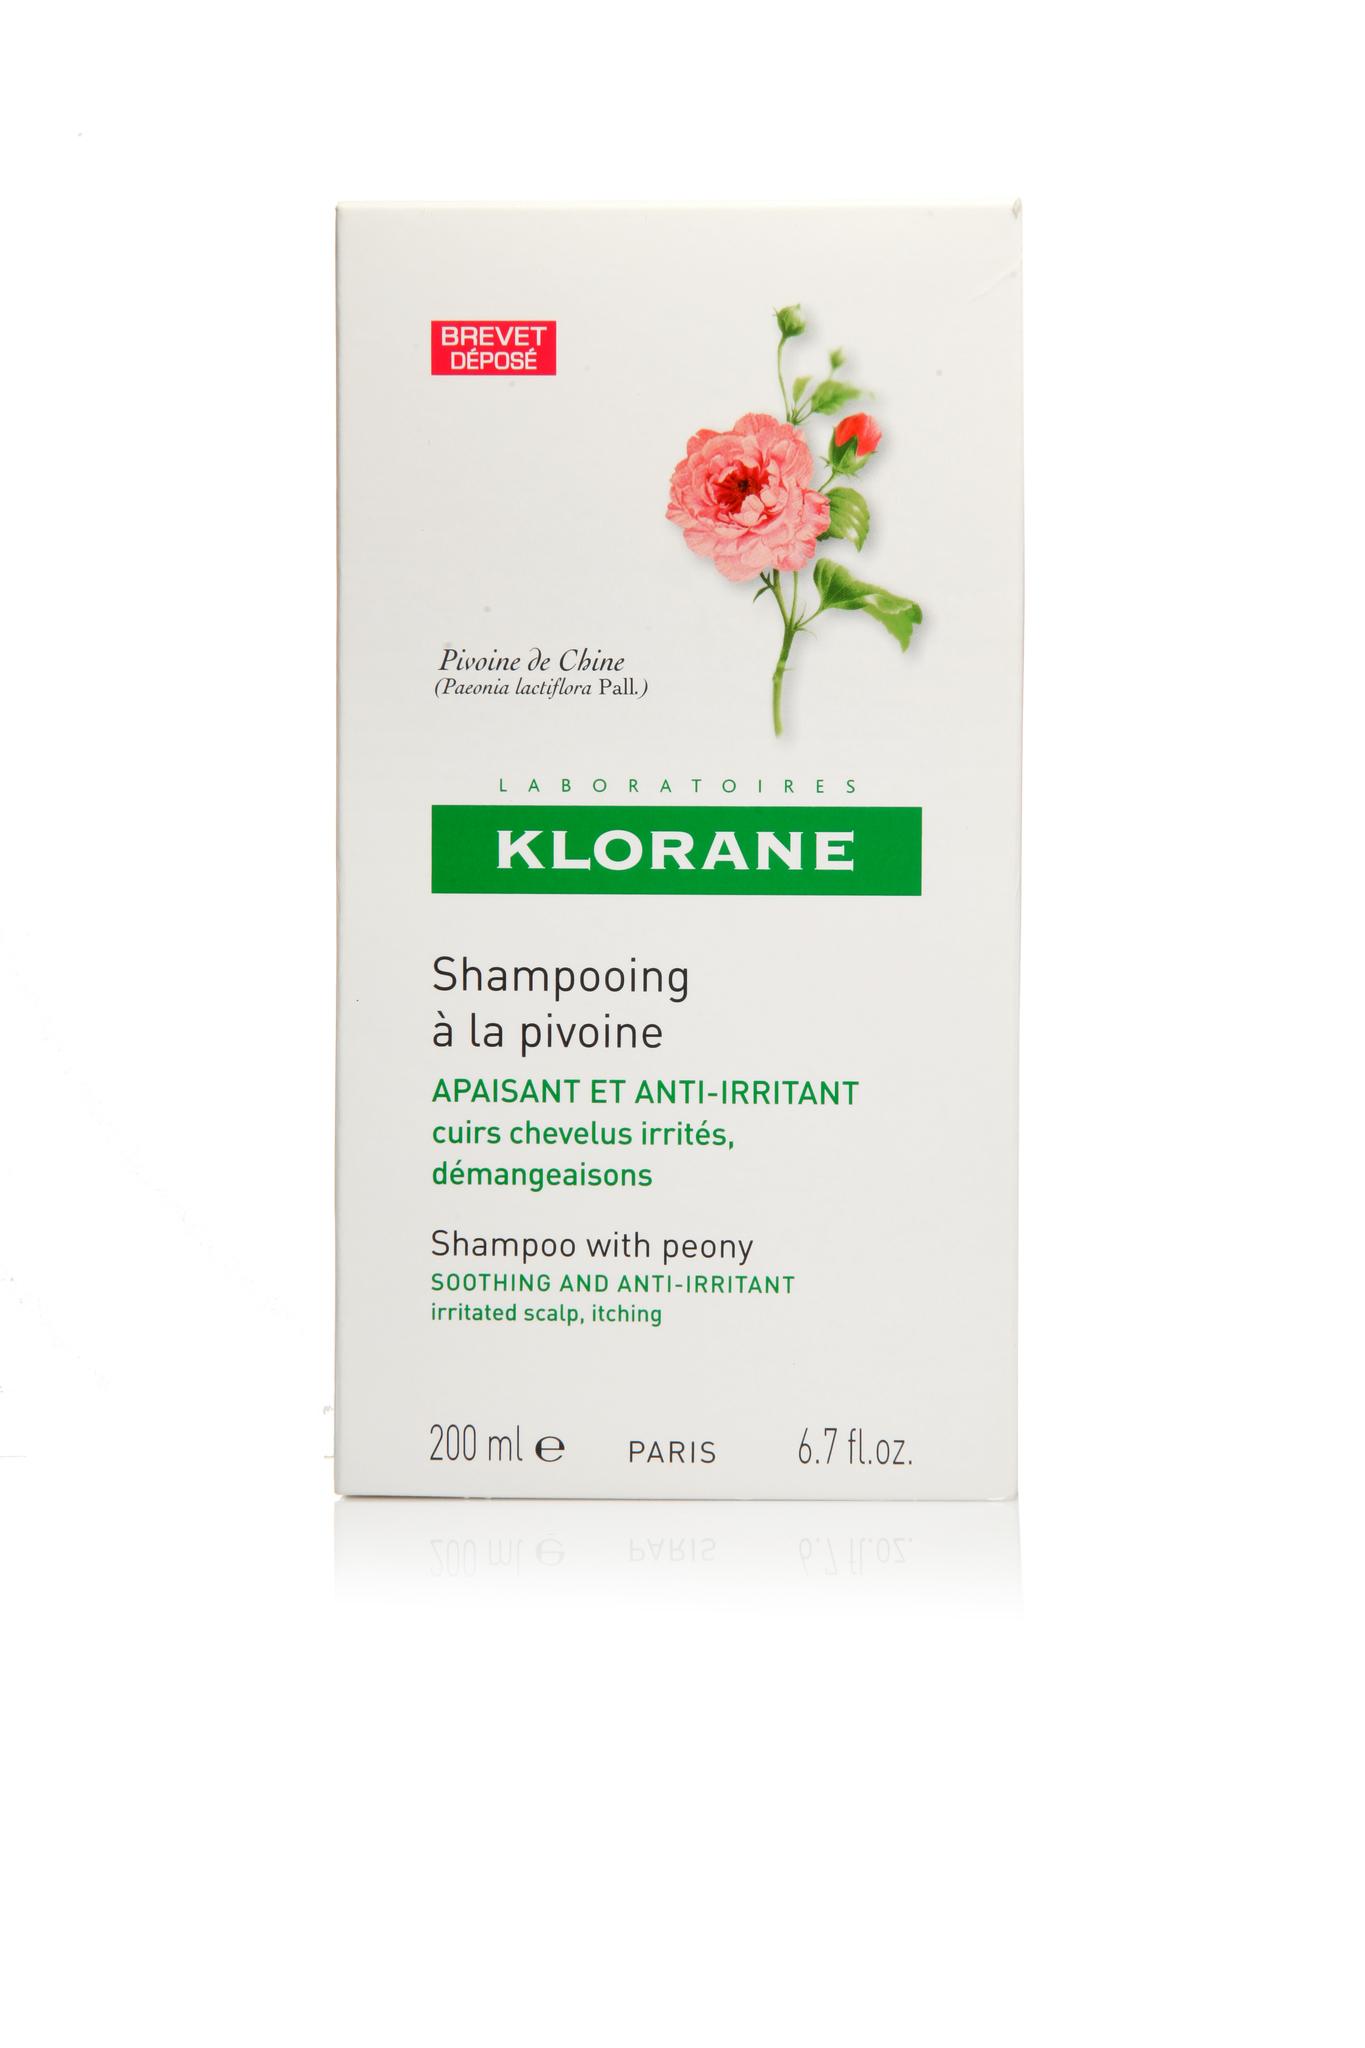 Klorane шампунь c экстрактом пиона успокаивающий 200 мл.